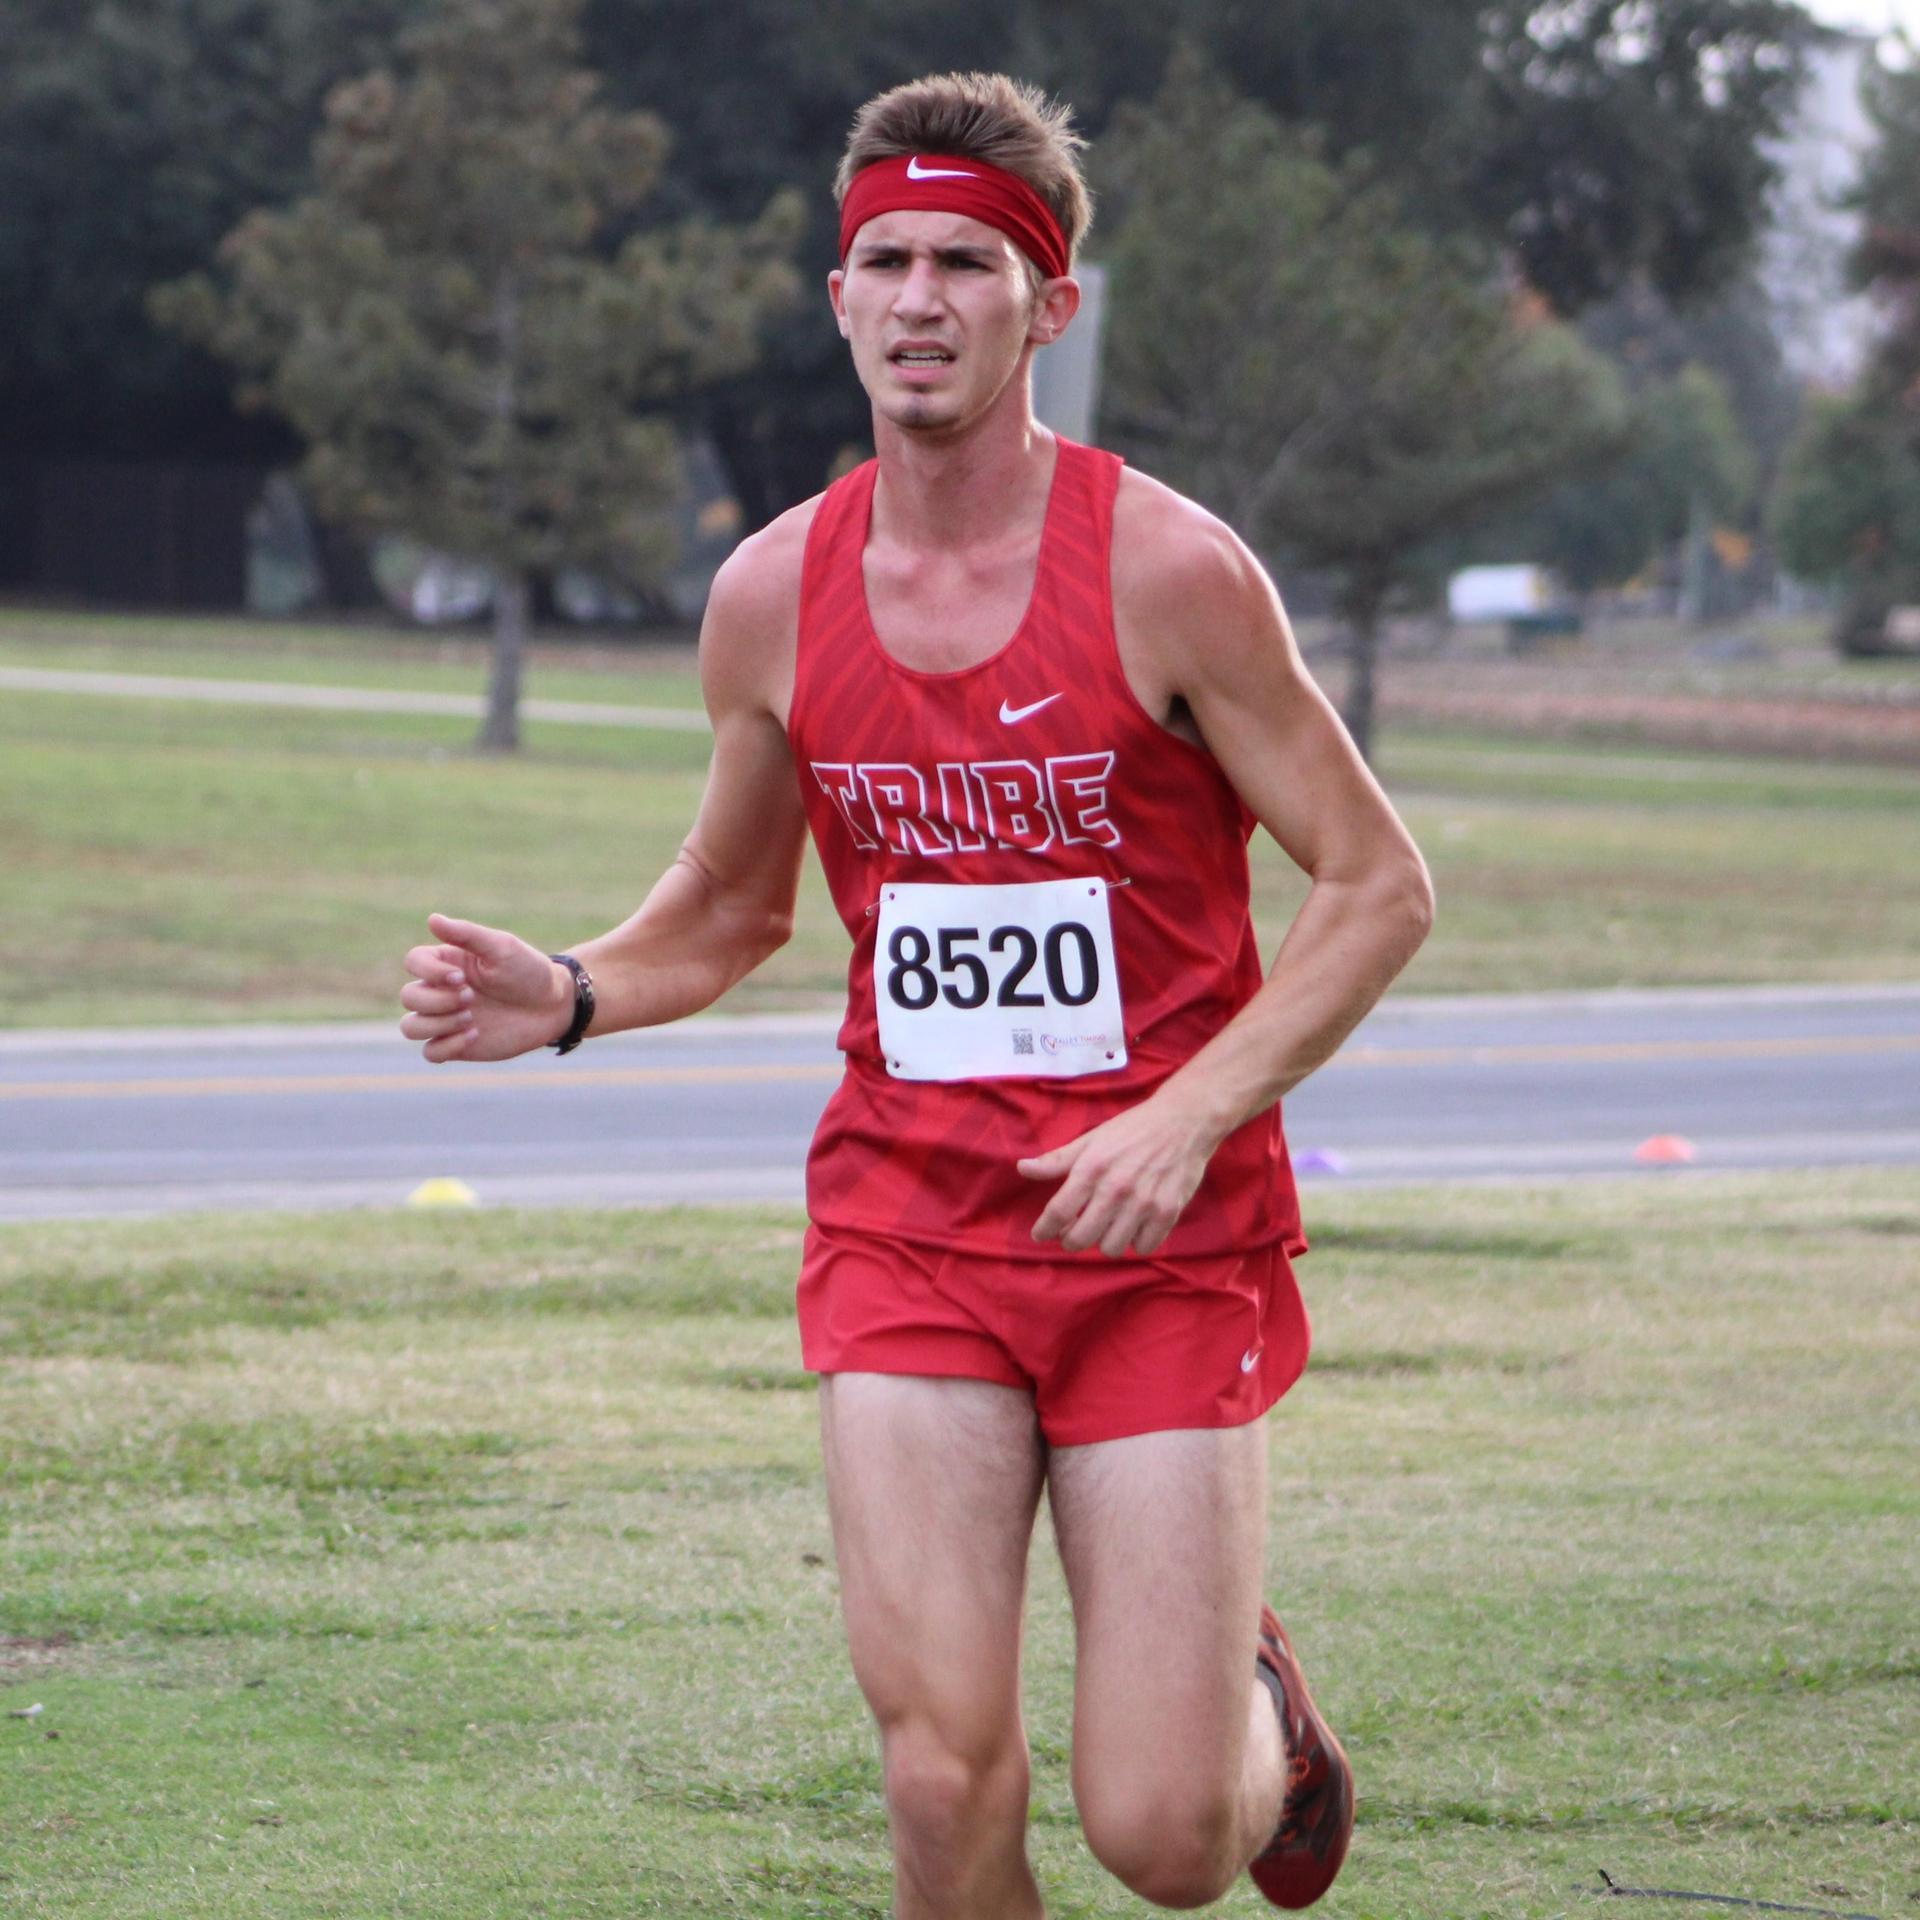 Micheal Eggert running